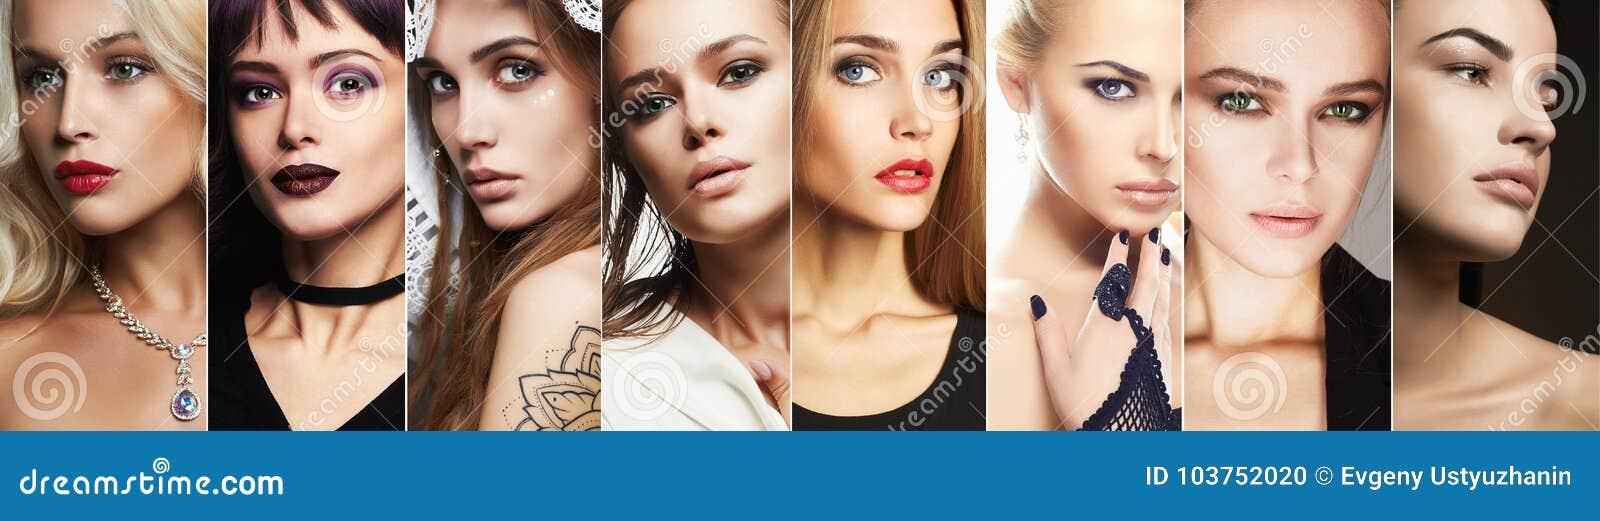 Collage de la belleza Caras de mujeres